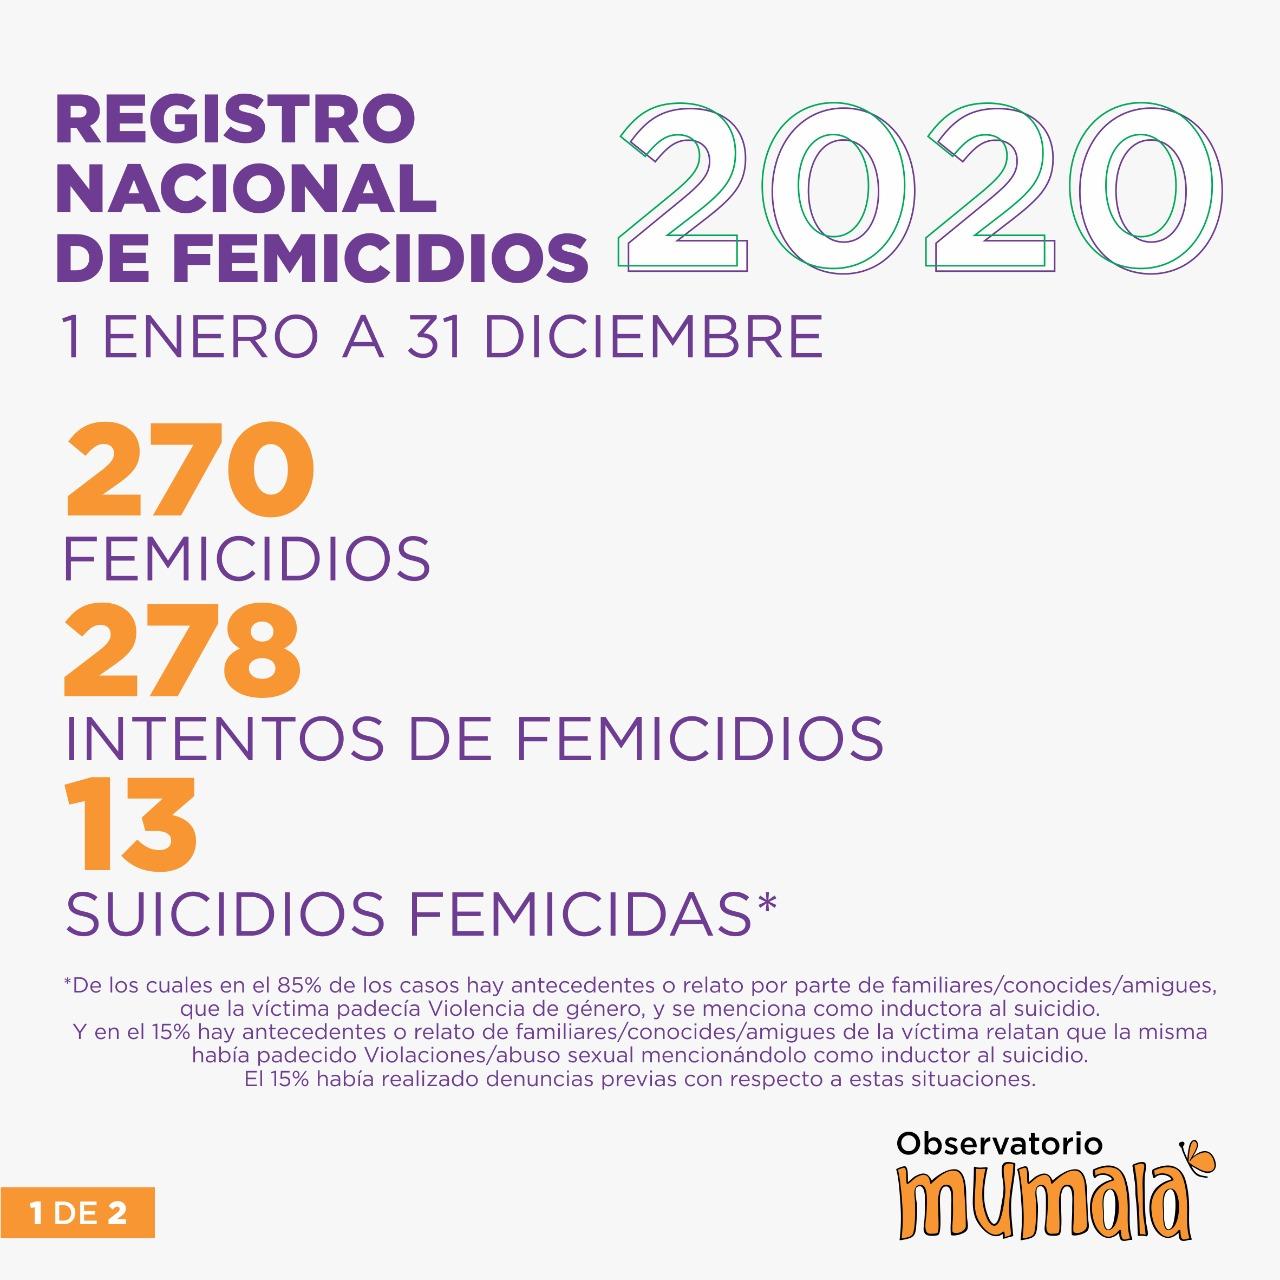 Balance: En 2020 hubo 1 Femicidio cada 32 horas en nuestro país